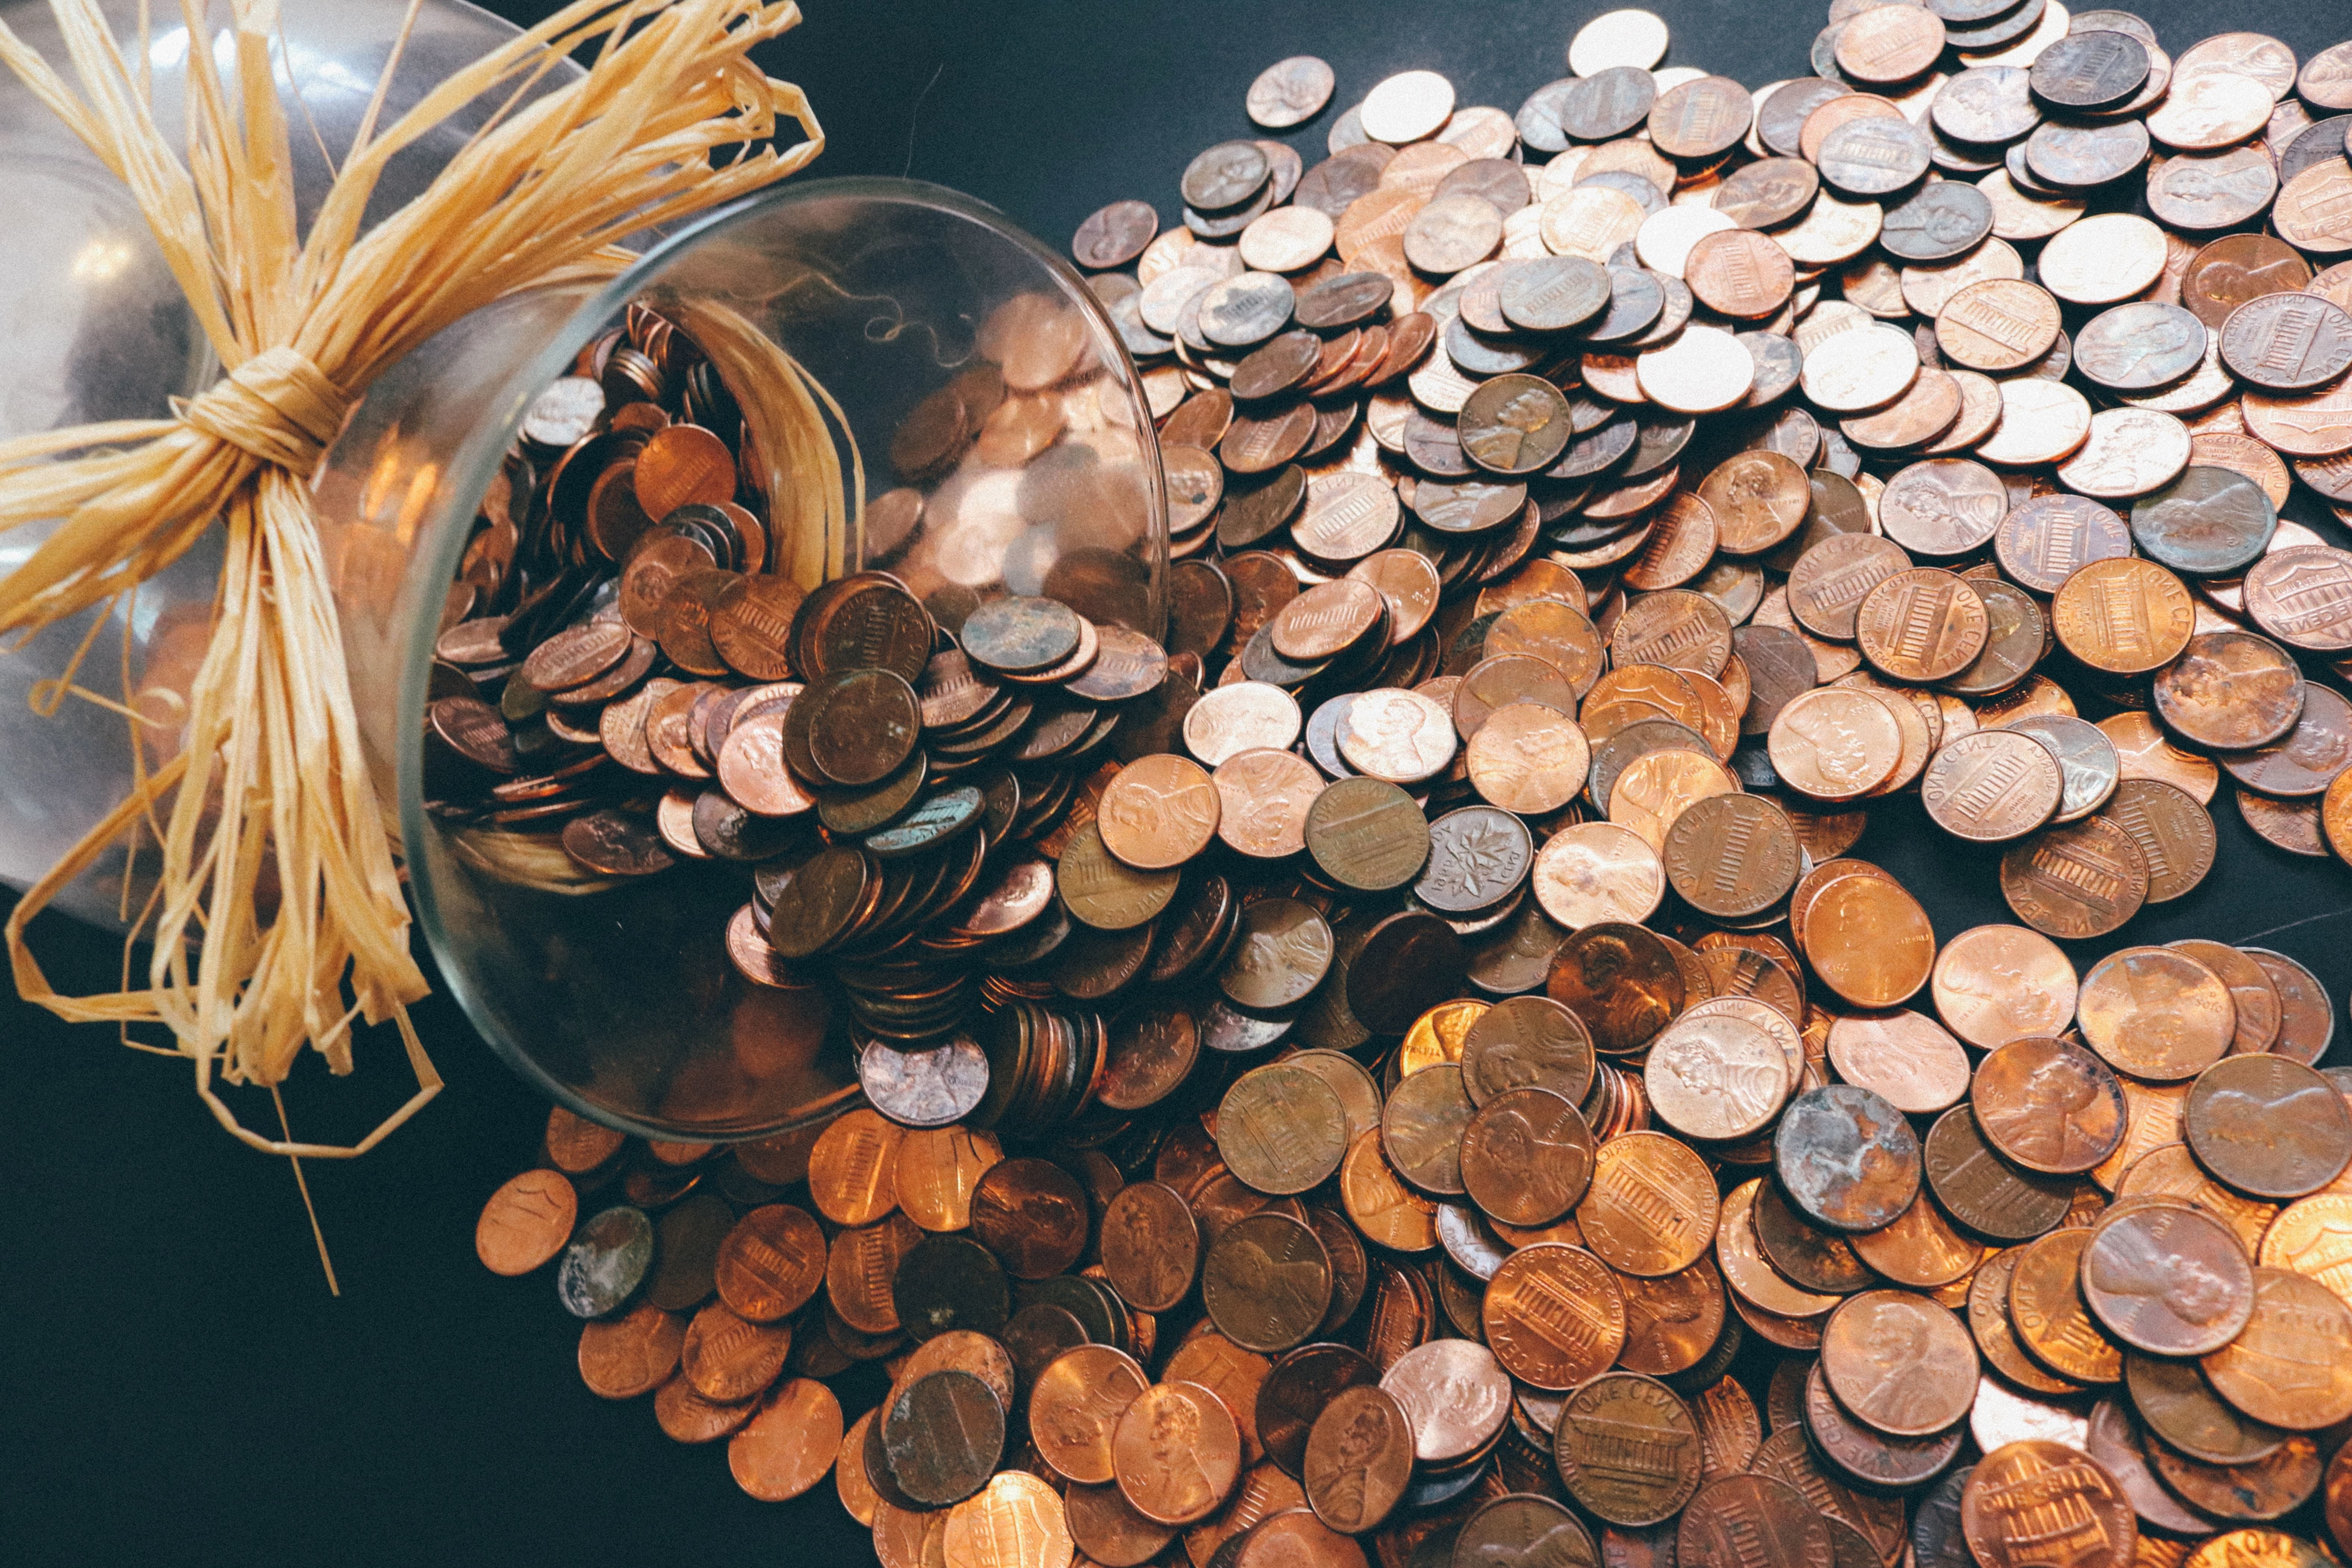 картинки с денежными купюрами и монетами доплату машине можно